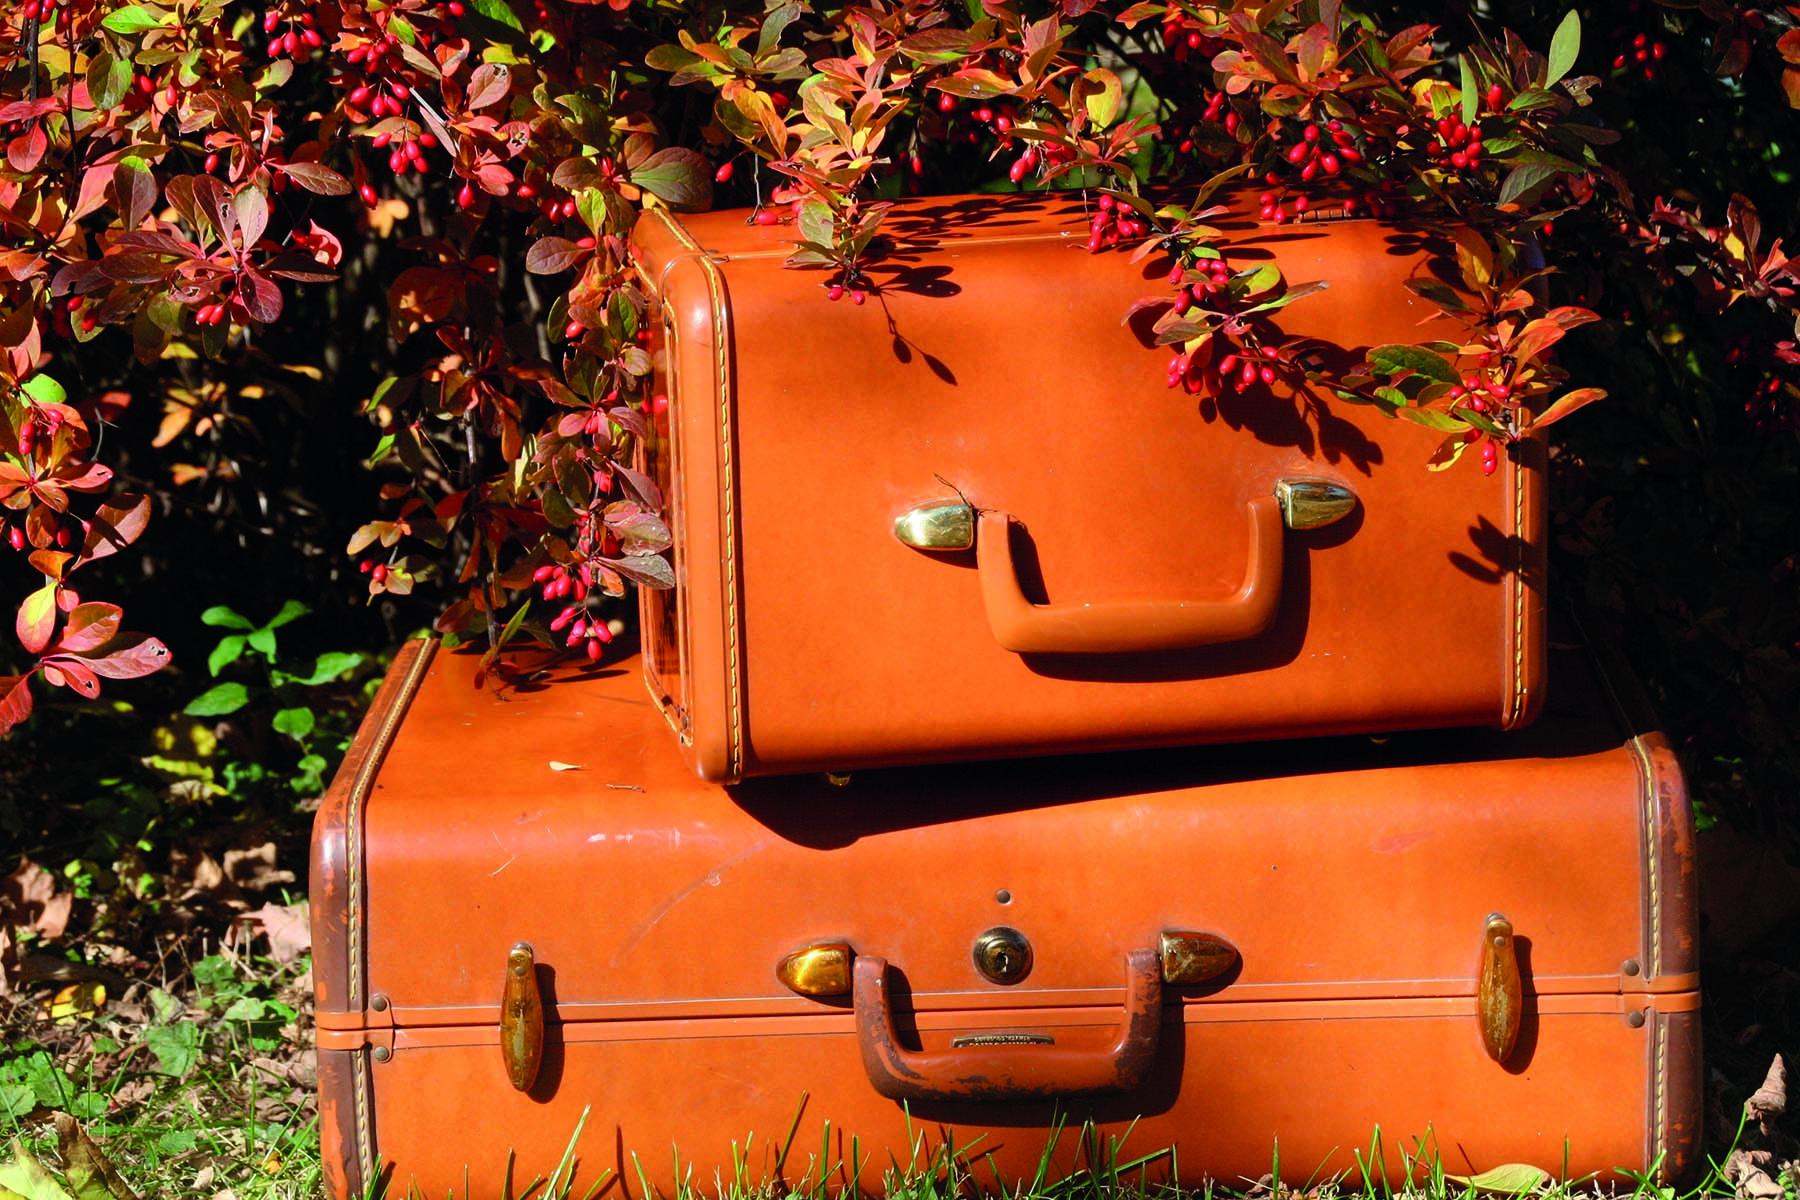 Två gamla resväskor i en trädgård